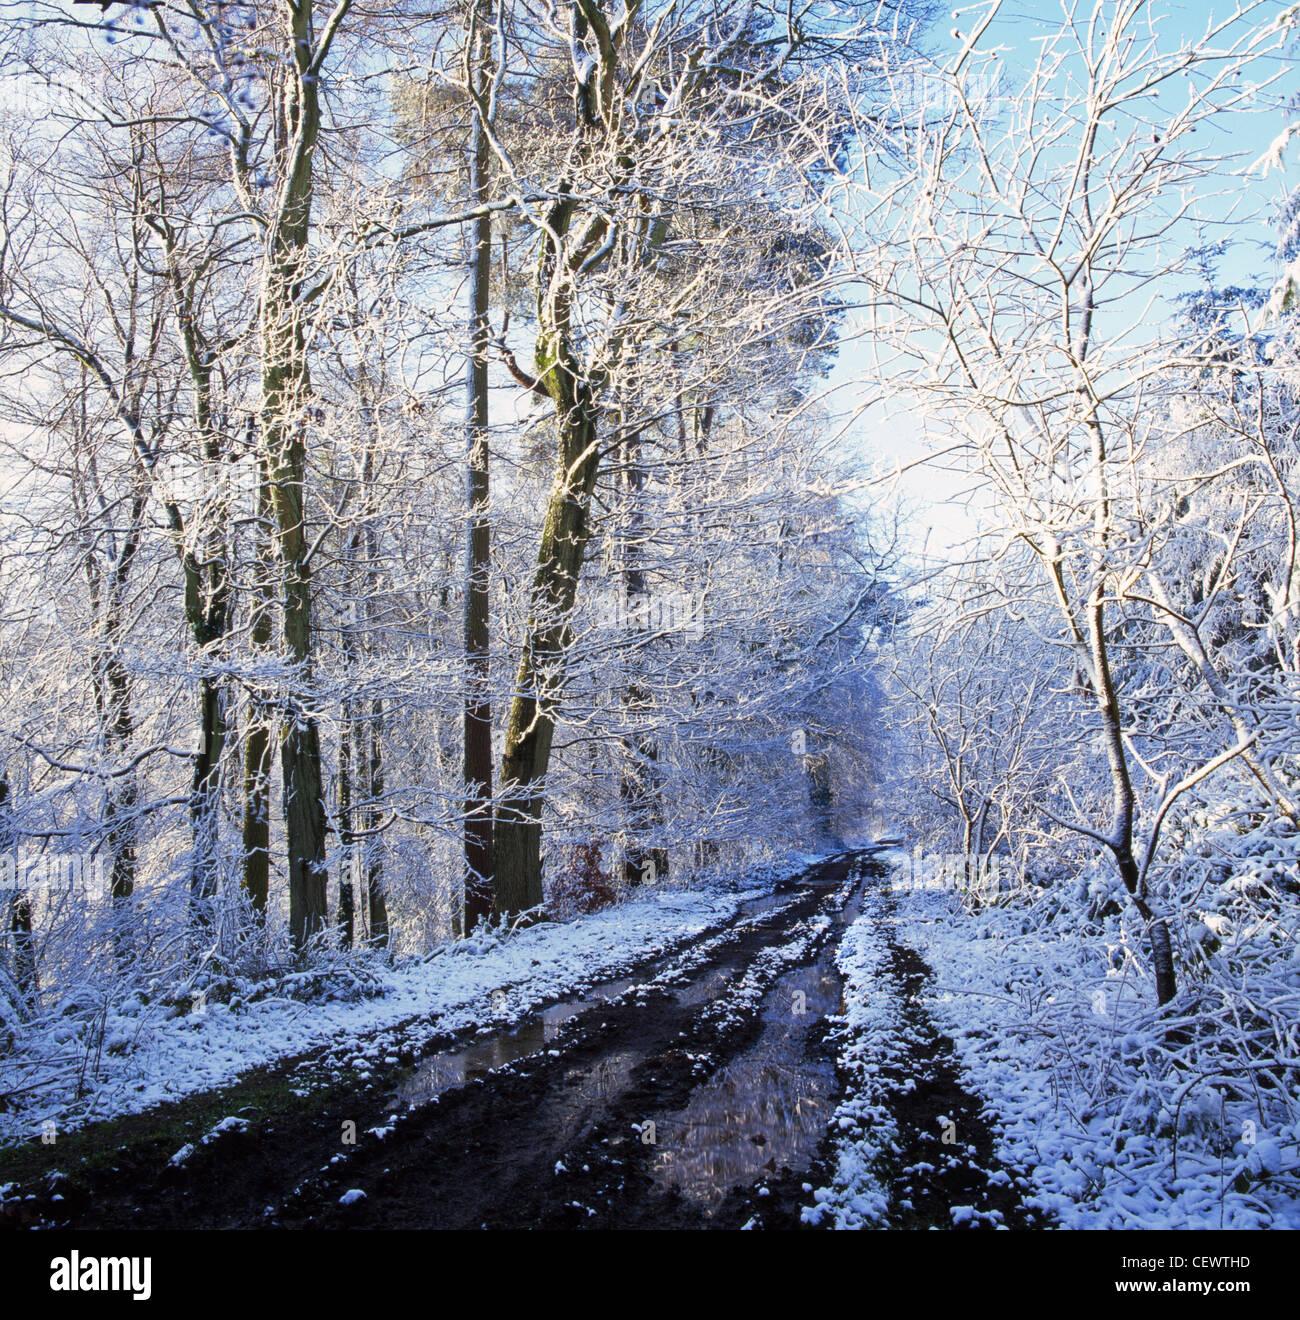 Bosque nevado cerca de Trellech. Ahora es simplemente un sueño Hamlet, Trellech fue una de las ciudades más Imagen De Stock